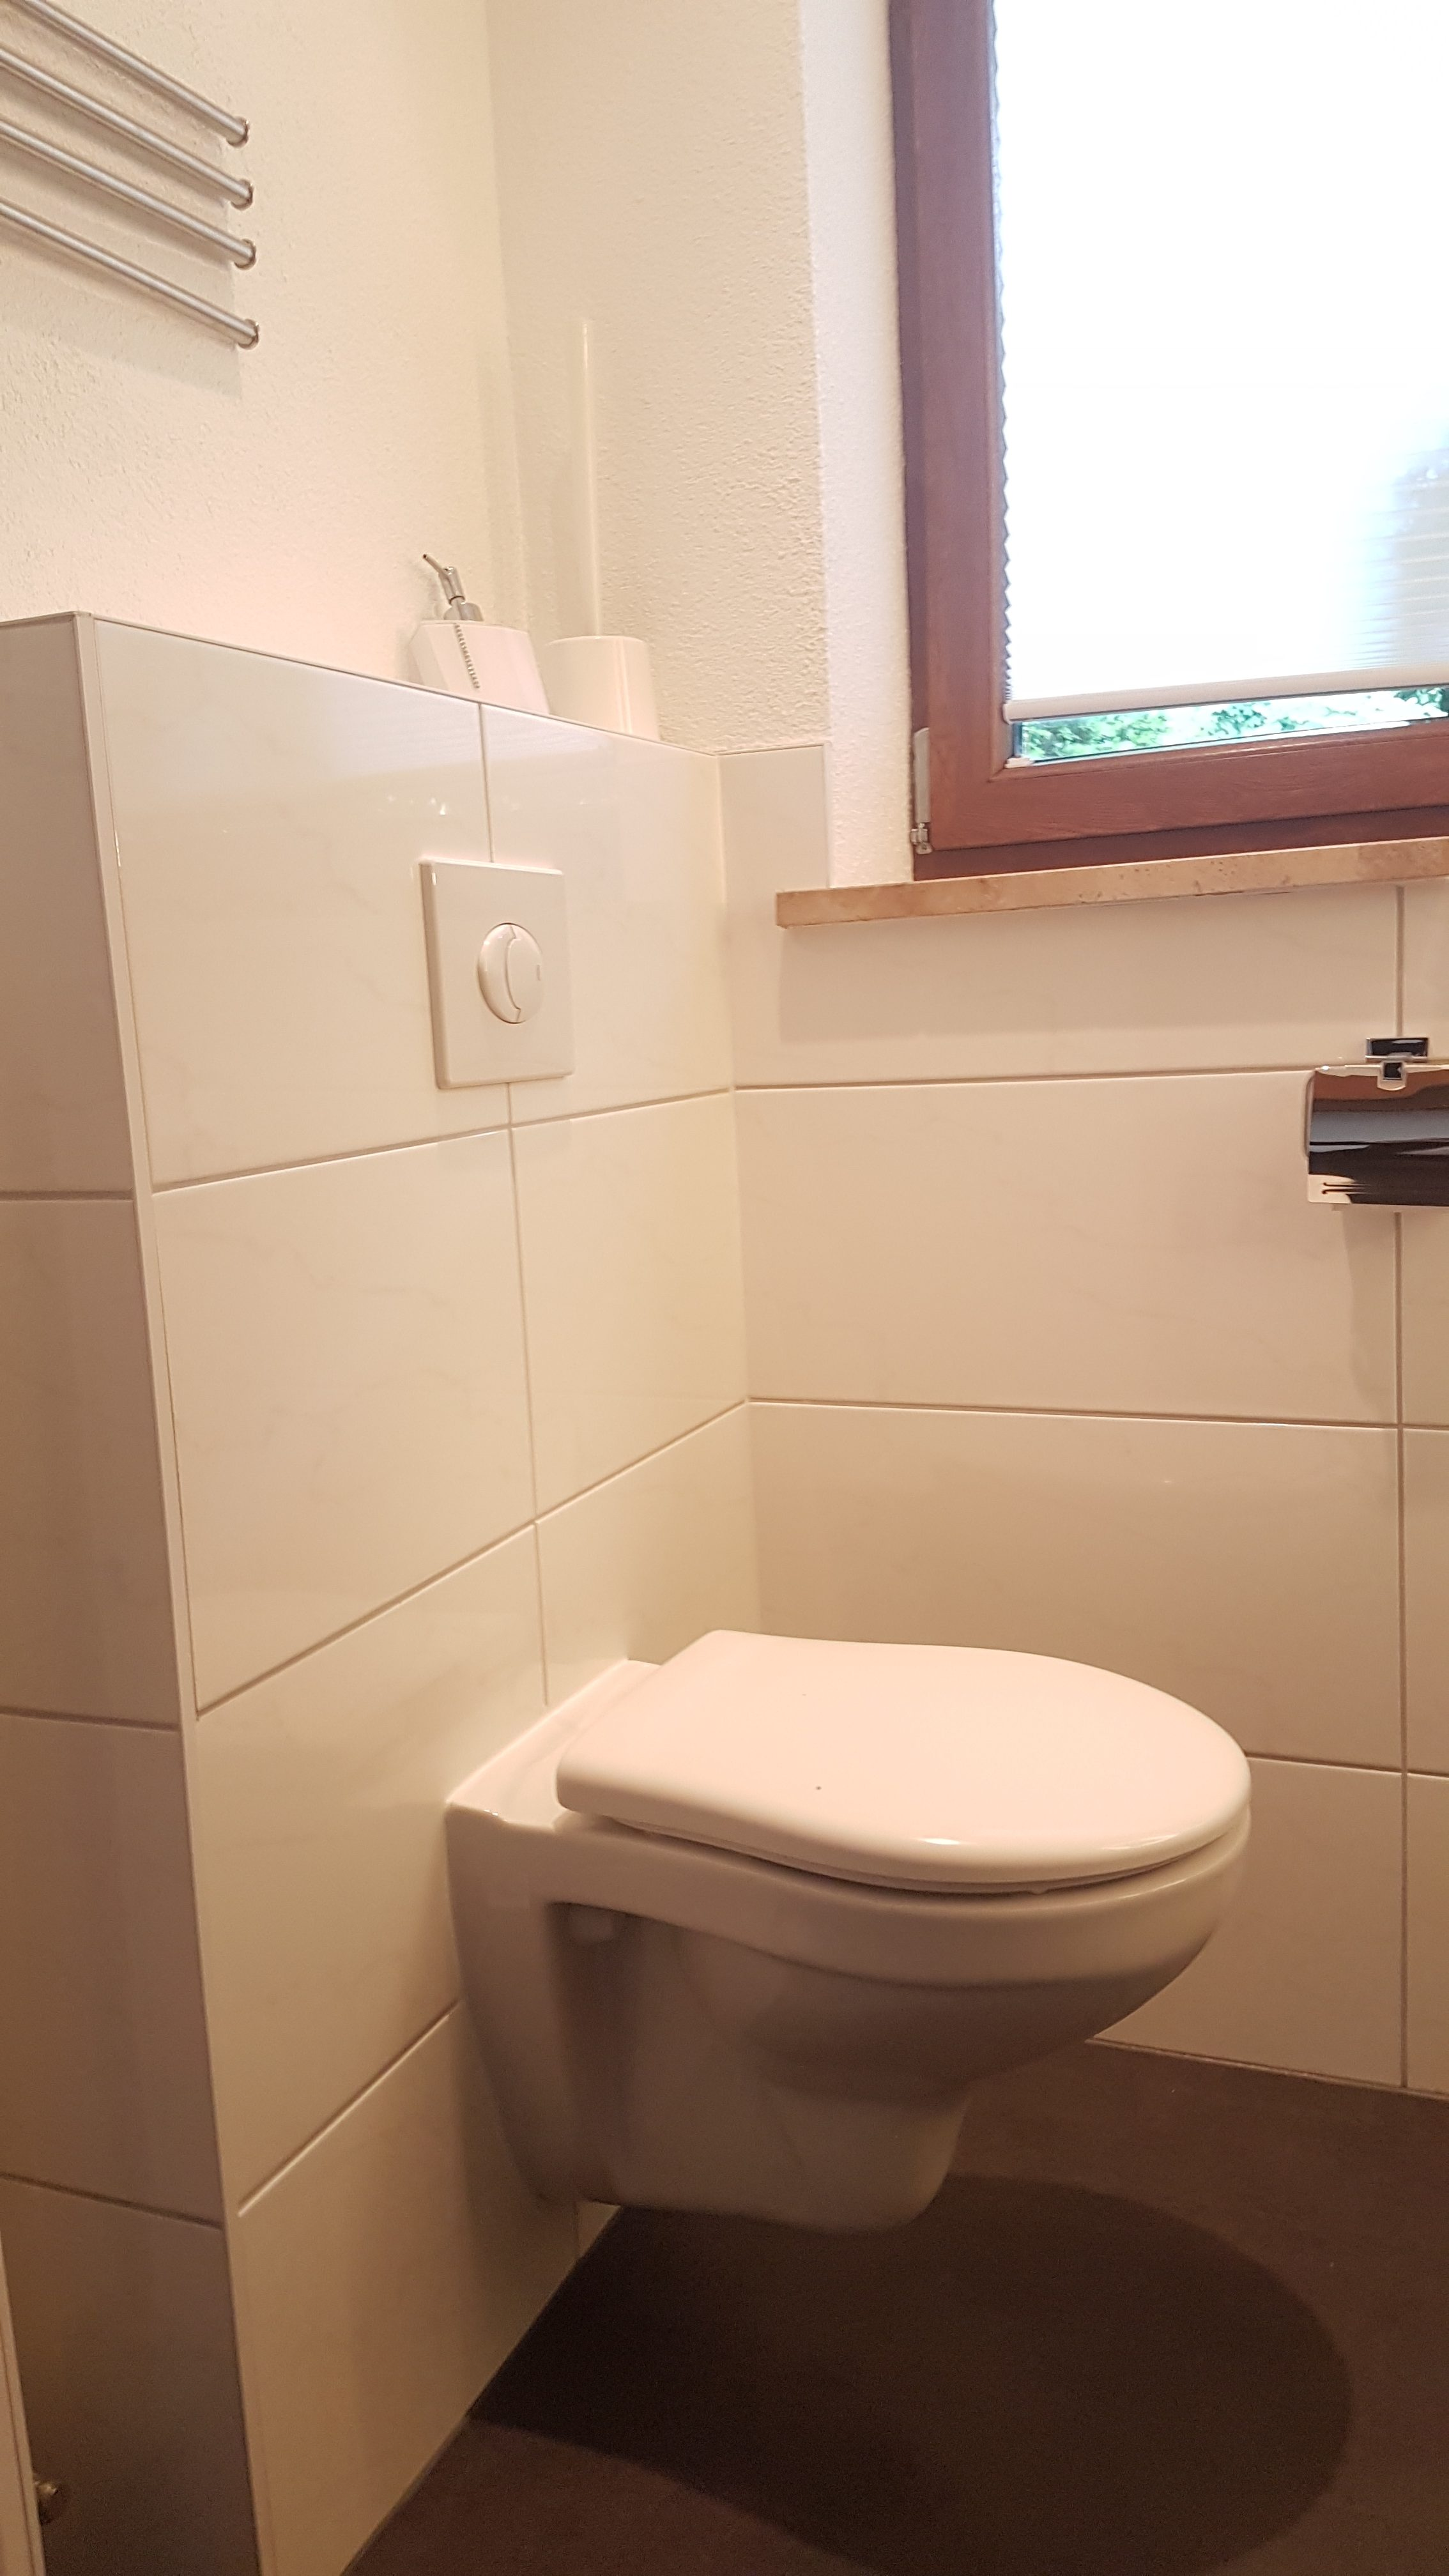 Badezimmer Nr. 2 - Bild 4